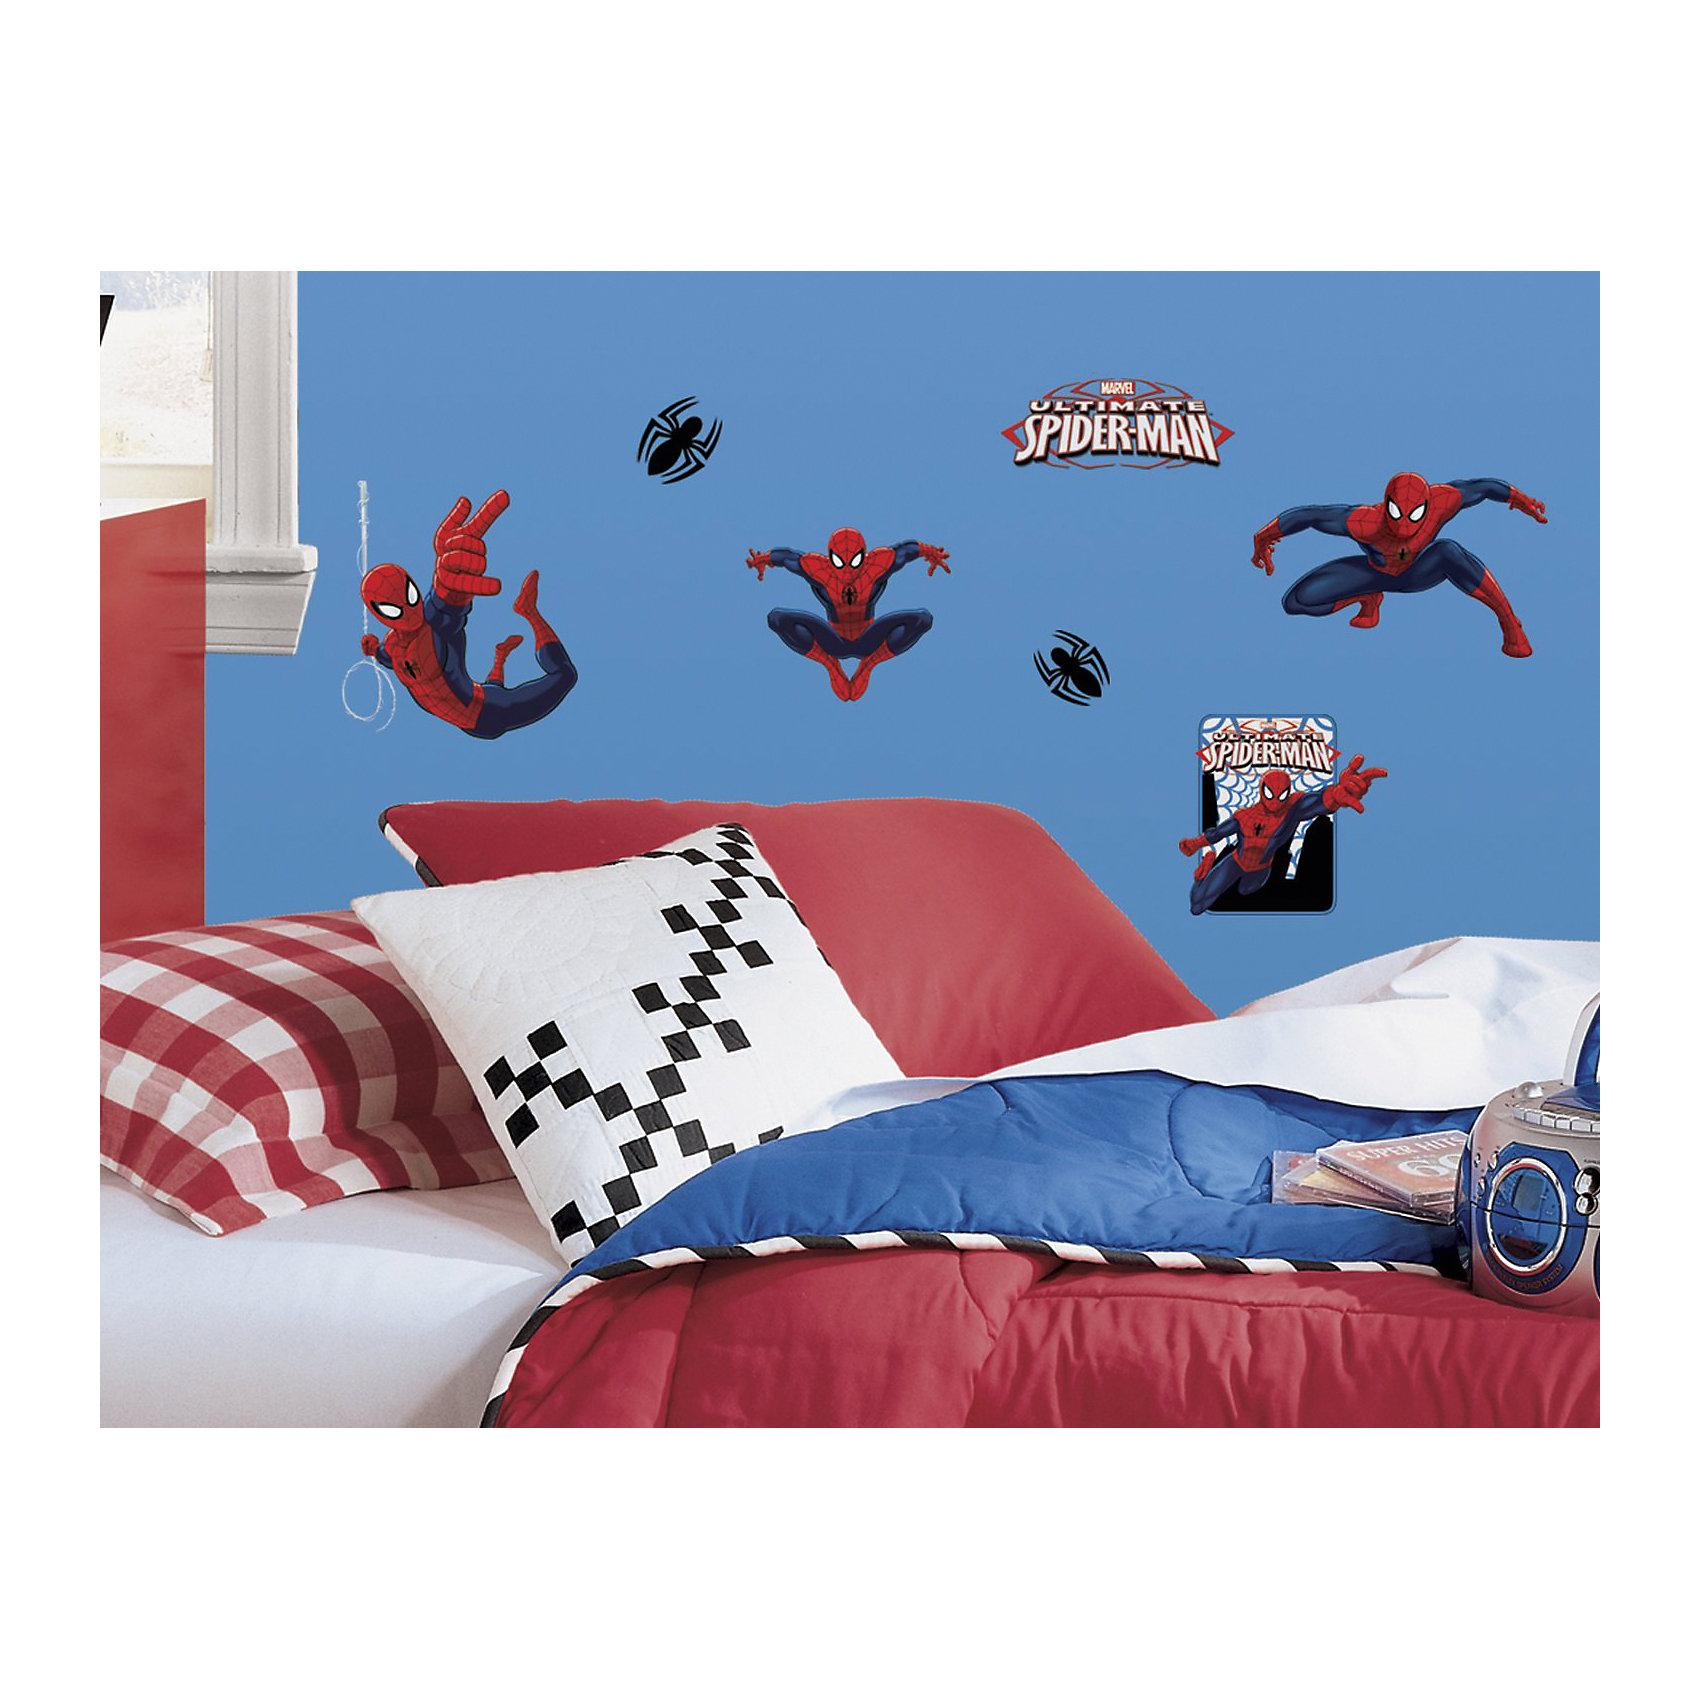 Наклейки для декора Человек-паукПредметы интерьера<br>Наклейки для декора Человек-паук, RoomMates, замечательно подойдут для украшения Вашего интерьера, детской комнаты, спальни или мебели. В комплект входят наклейки с изображениями персонажей фильмов и комиксов о популярном супергерое Человеке-пауке (всего в наборе 22 наклейки). Наклейки просты в применении и подходят для многоразового использования. Освободите выбранный рисунок от защитного слоя и приклейте на стену или любую другую плоскую гладкую поверхность. Стикеры легко отклеиваются и не оставляют липких следов на поверхности. Яркие наклейки с любимыми героями будут радовать Вашего ребенка и создавать атмосферу домашнего уюта.<br><br>Дополнительная информация:<br><br>- В комплекте: 4 листа наклеек (всего 22 наклейки).<br>- Материал: винил.<br>- Размер упаковки: 29,21 х 12,7 х 2,54 см. <br>- Вес: 141 гр. <br><br>Наклейки для декора Человек-паук, RoomMates, можно купить в нашем интернет-магазине.<br><br>Ширина мм: 8500<br>Глубина мм: 8500<br>Высота мм: 60<br>Вес г: 8500<br>Возраст от месяцев: 36<br>Возраст до месяцев: 144<br>Пол: Мужской<br>Возраст: Детский<br>SKU: 4652186